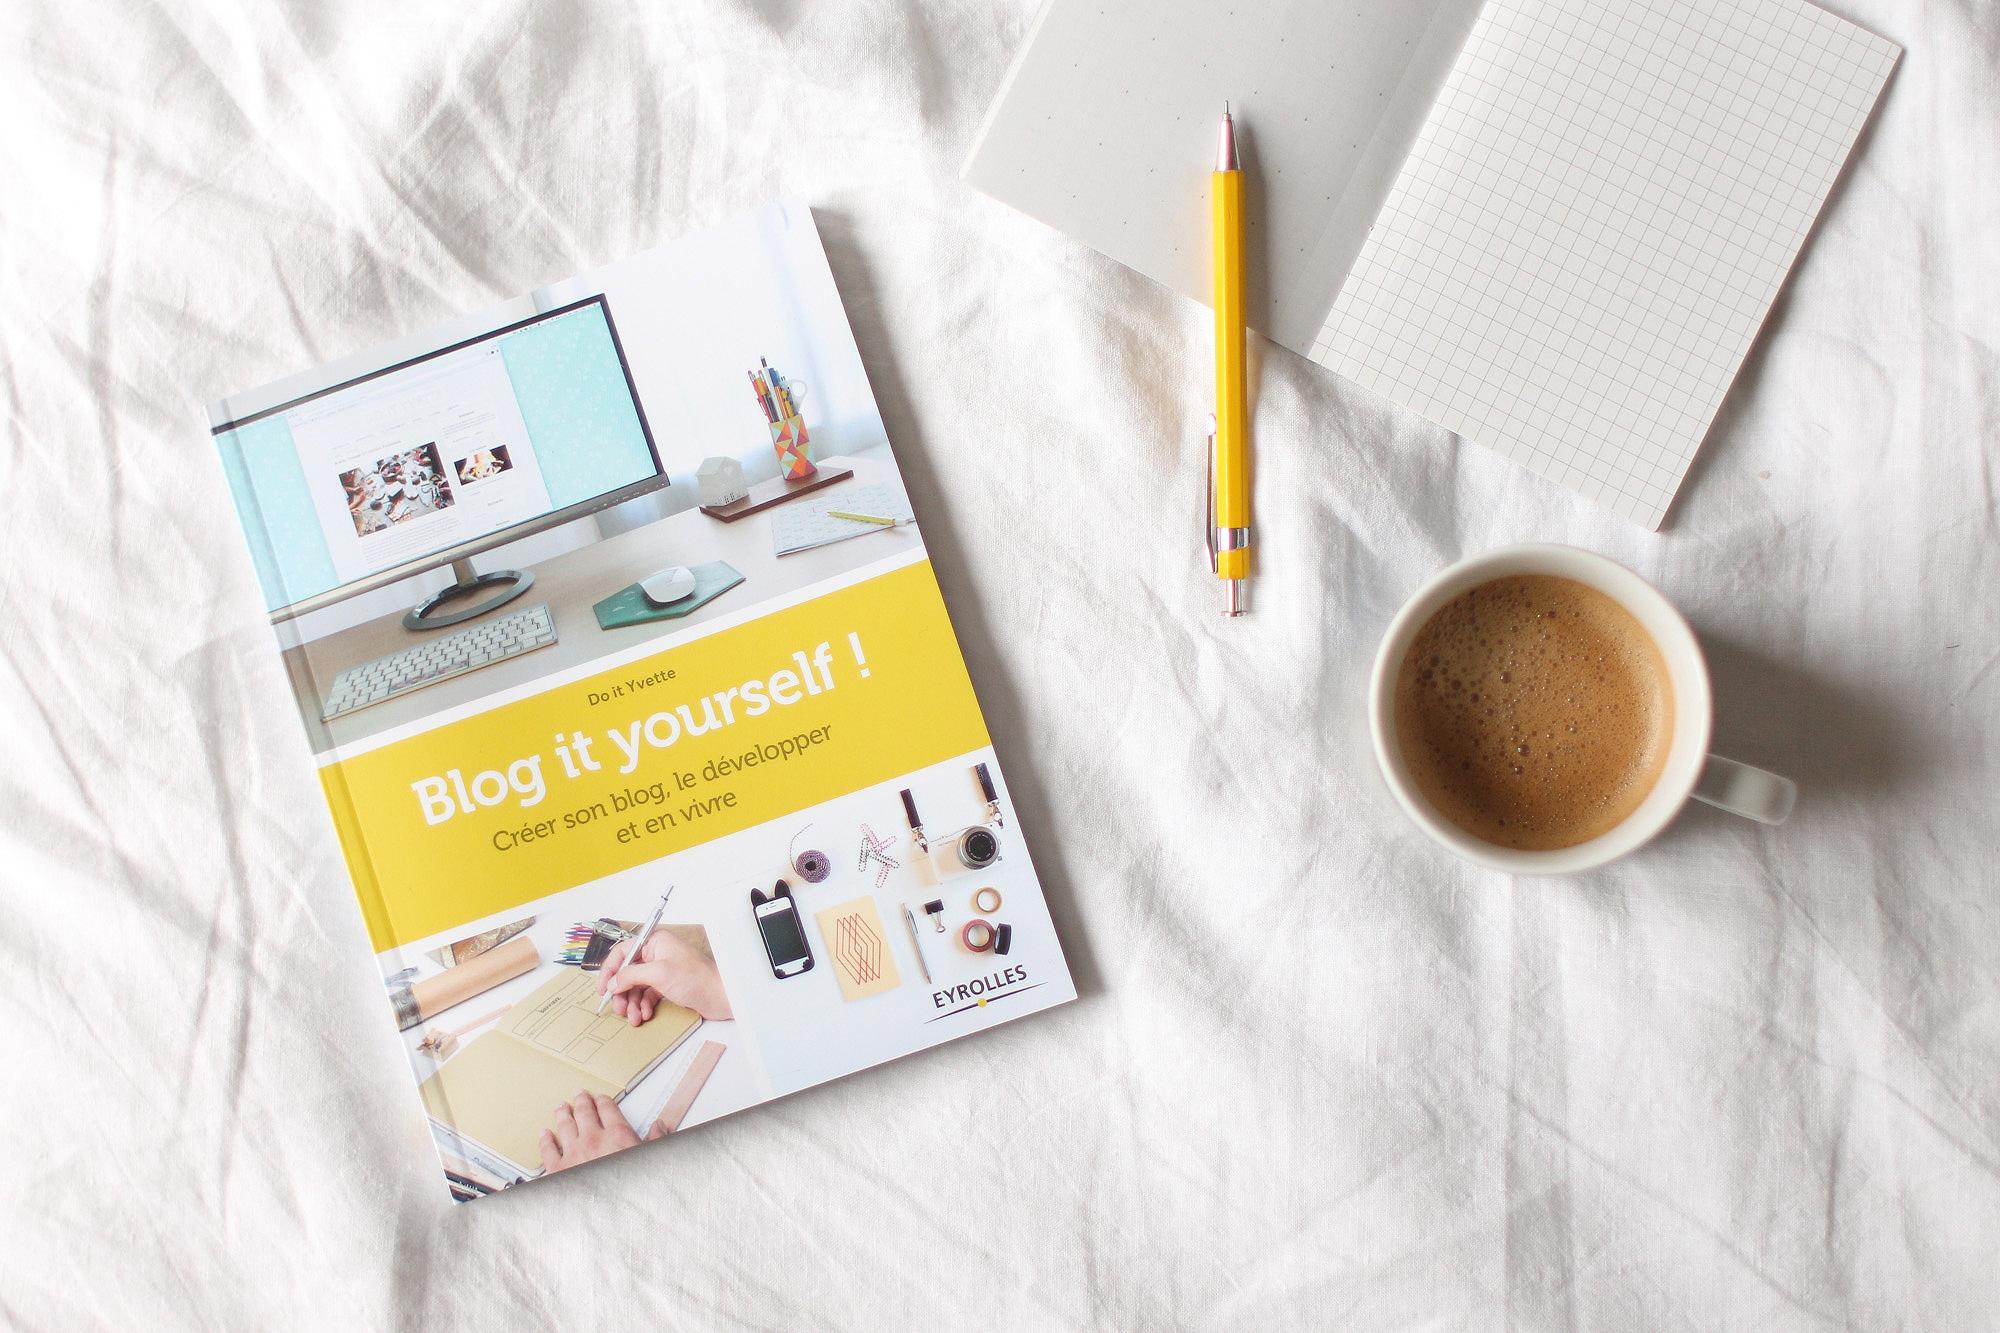 Blog it yourself par Do It Yvette, comment ouvrir un blog et en vivre